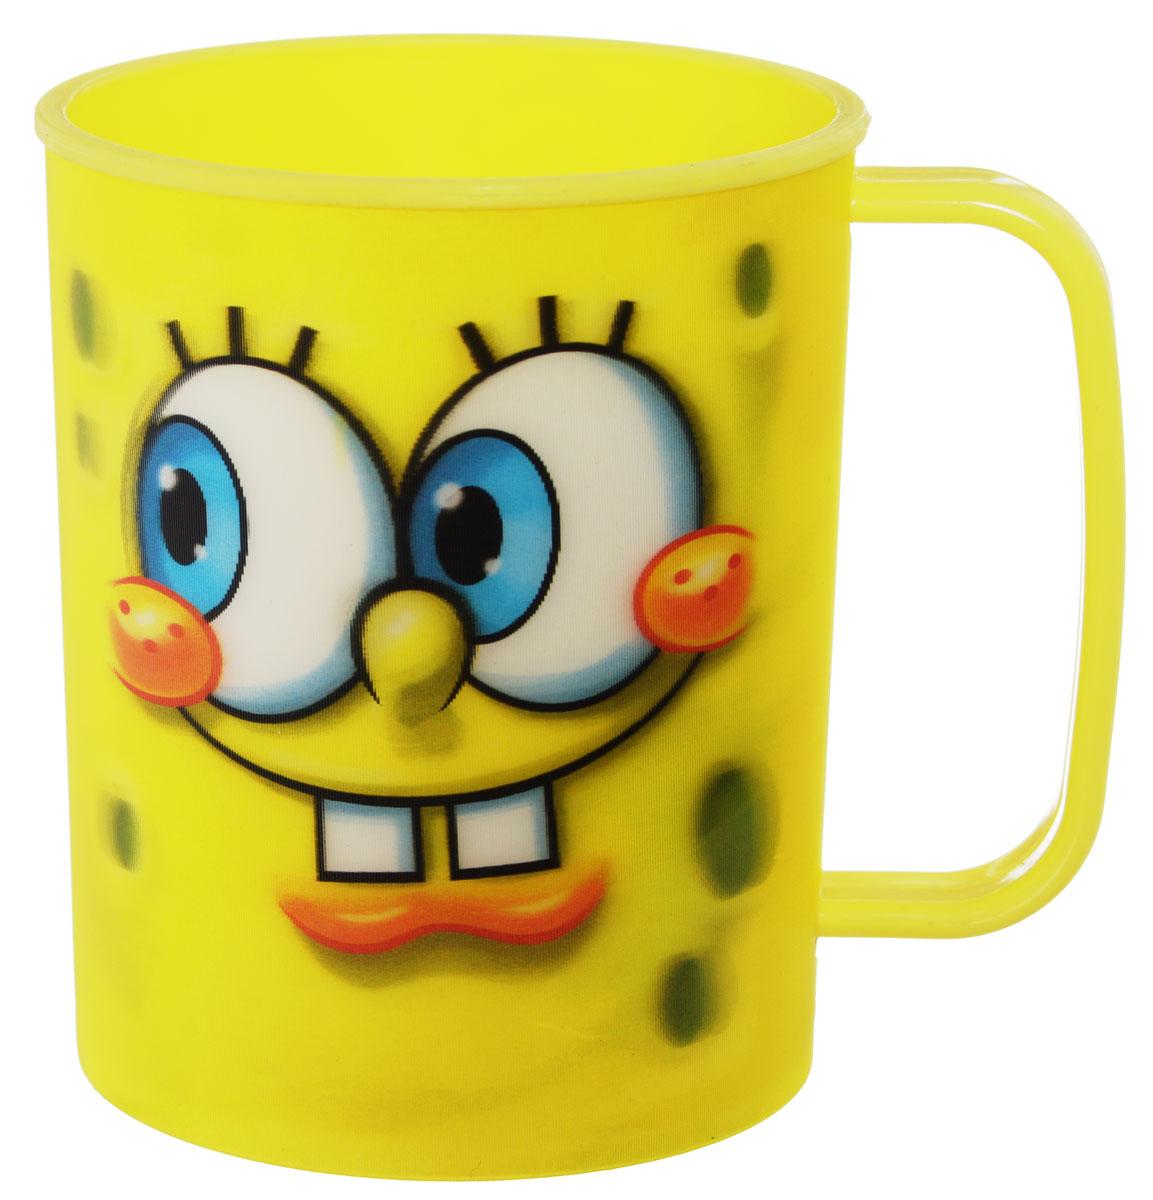 Губка Боб Кружка пластмассовая 3D цвет желтый 325 млM325-01YДетская кружка Губка Боб с 3D рисунком идеально подойдет для вашего малыша. Она выполнена из качественного пластика желтого цвета и оформлена ярким изображением героя мультфильма Губка Боб. Кружка дополнена удобной ручкой.Такой подарок станет не только приятным, но и практичным сувениром: кружка будет незаменимым атрибутом чаепития, а оригинальное оформление кружки добавит ярких эмоций в процессе чаепития.Не предназначено для использования в СВЧ-печи и посудомоечной машине.